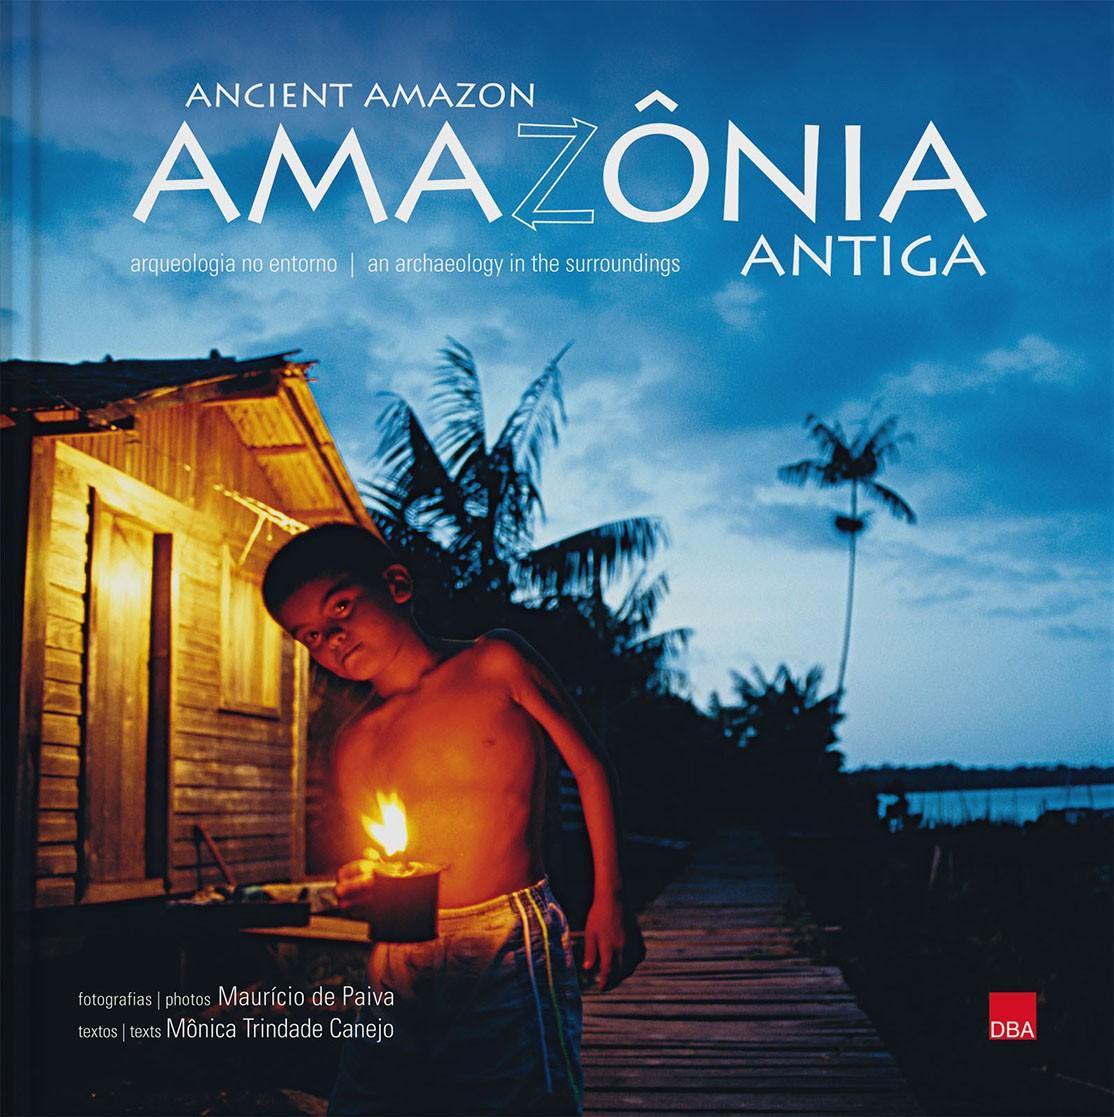 Amazônia antiga - arqueologia no entorno